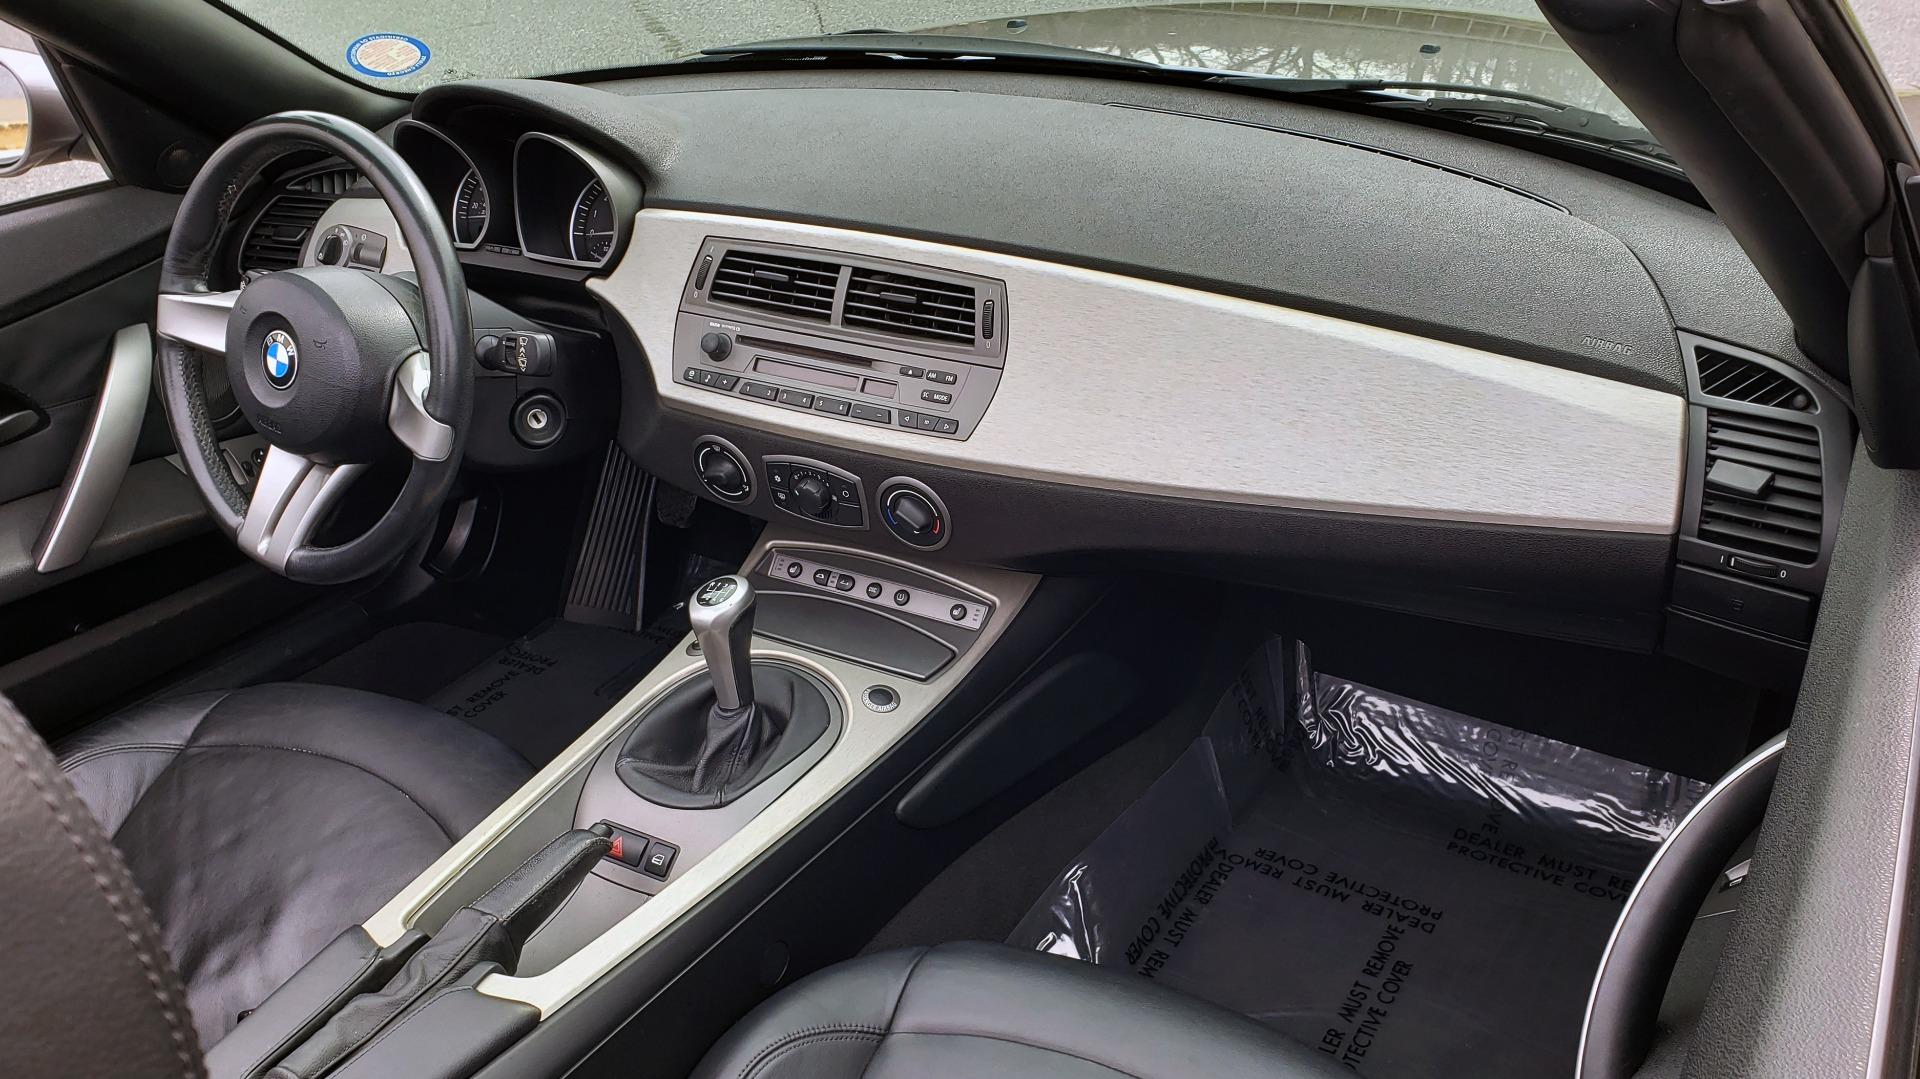 Used 2003 BMW Z4 3.0i ROADSTER / 6-SPD MAN / PREMIUM PKG / SPORT PKG / HTD STS for sale Sold at Formula Imports in Charlotte NC 28227 36